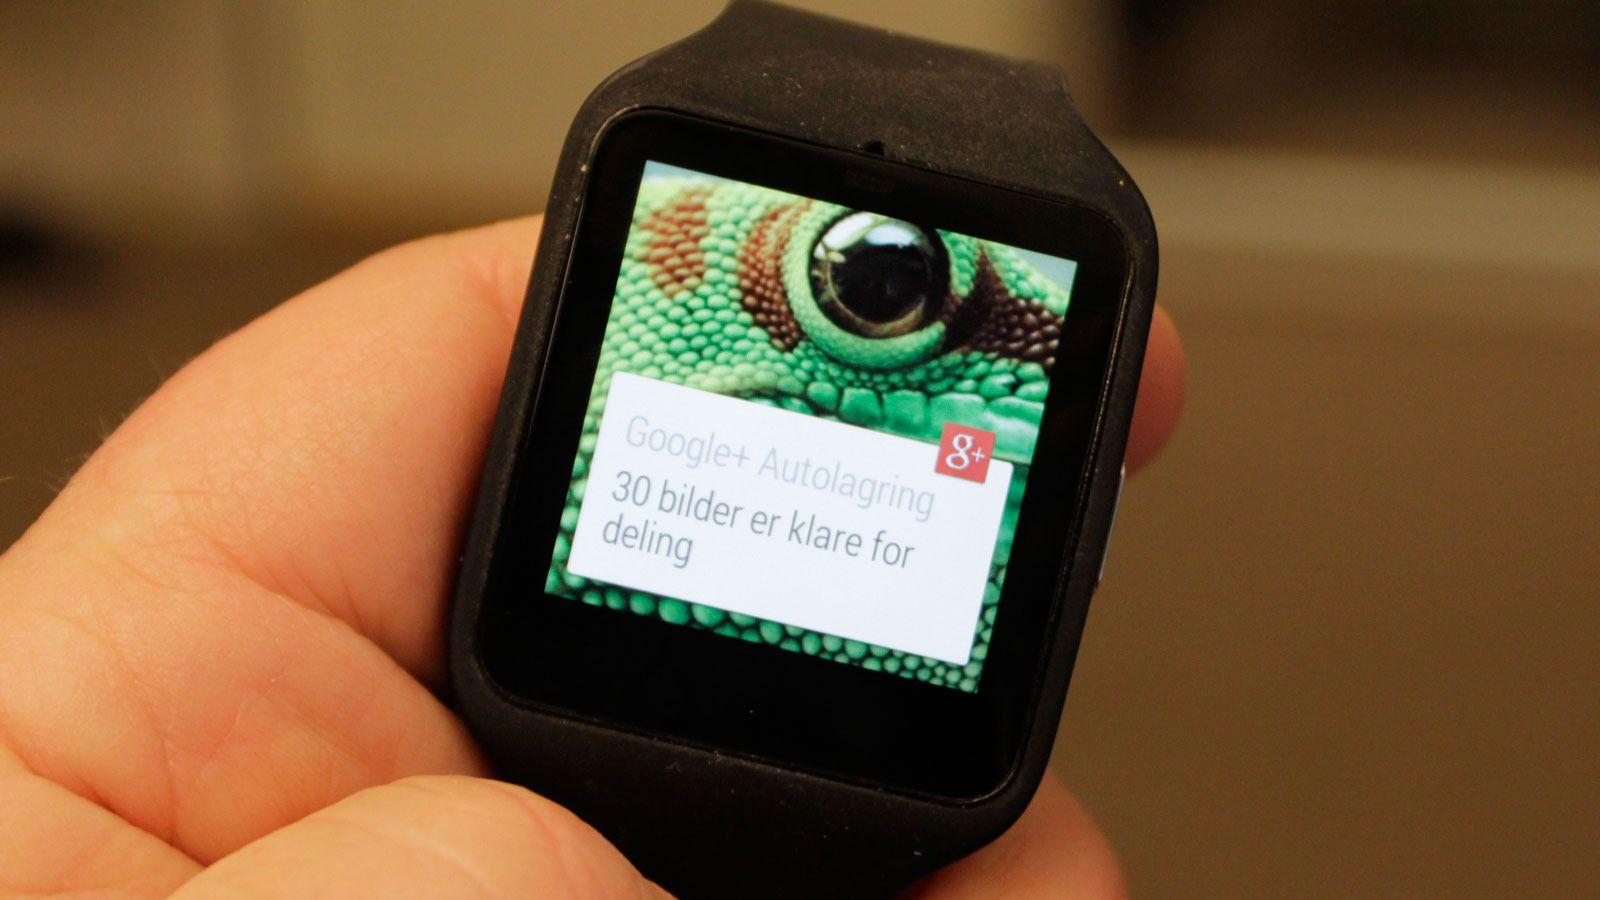 Du får informasjon på håndleddet om det meste smartmobilen foretar seg. .Foto: Espen Irwing Swang, Tek.no